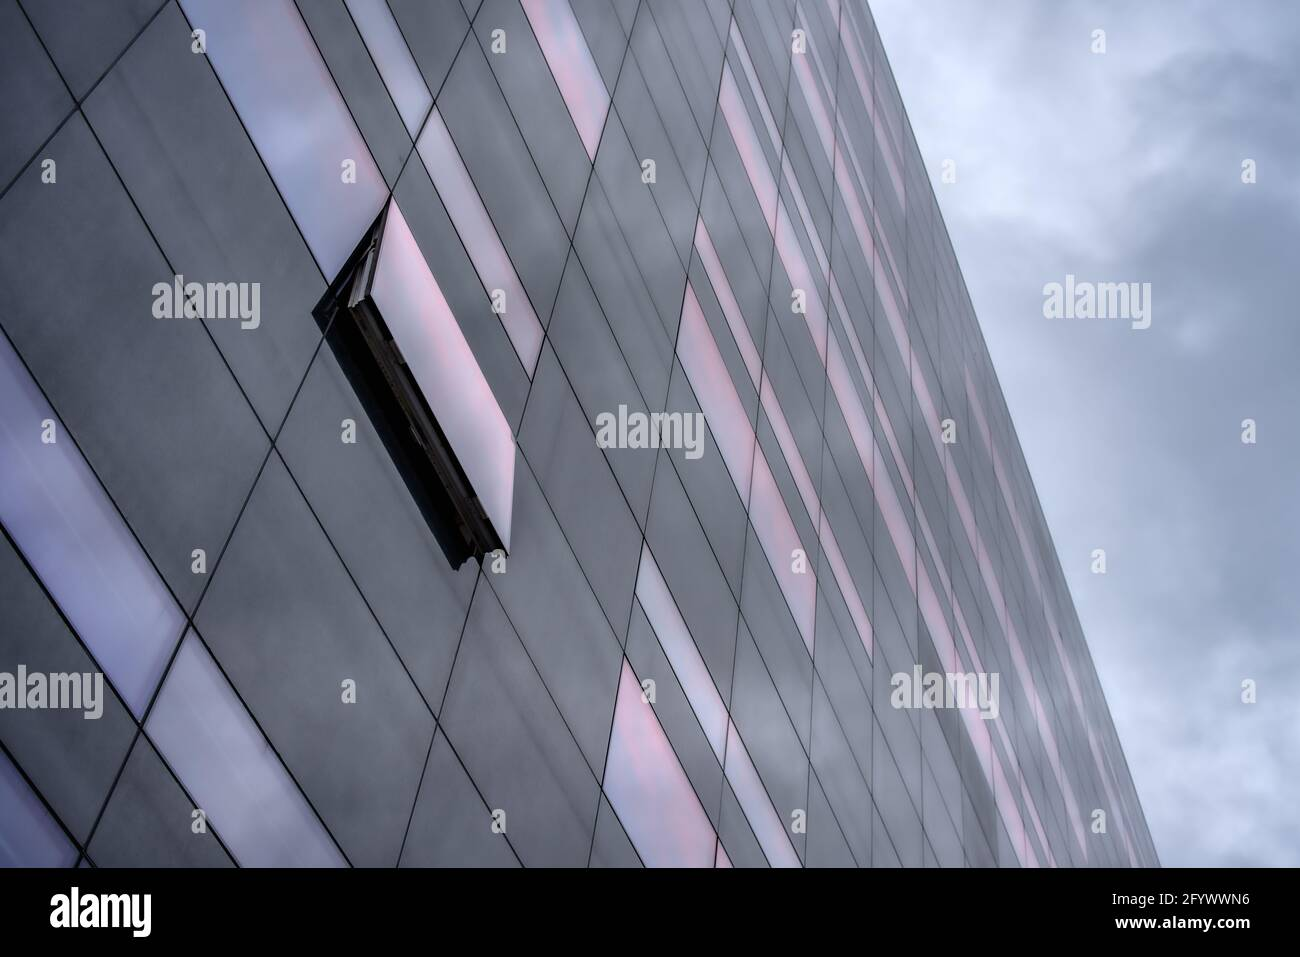 Una ventana abierta en la fachada de granito negro de la biblioteca real danesa el diamante negro, Copenhague, 26 de mayo de 2021 Foto de stock